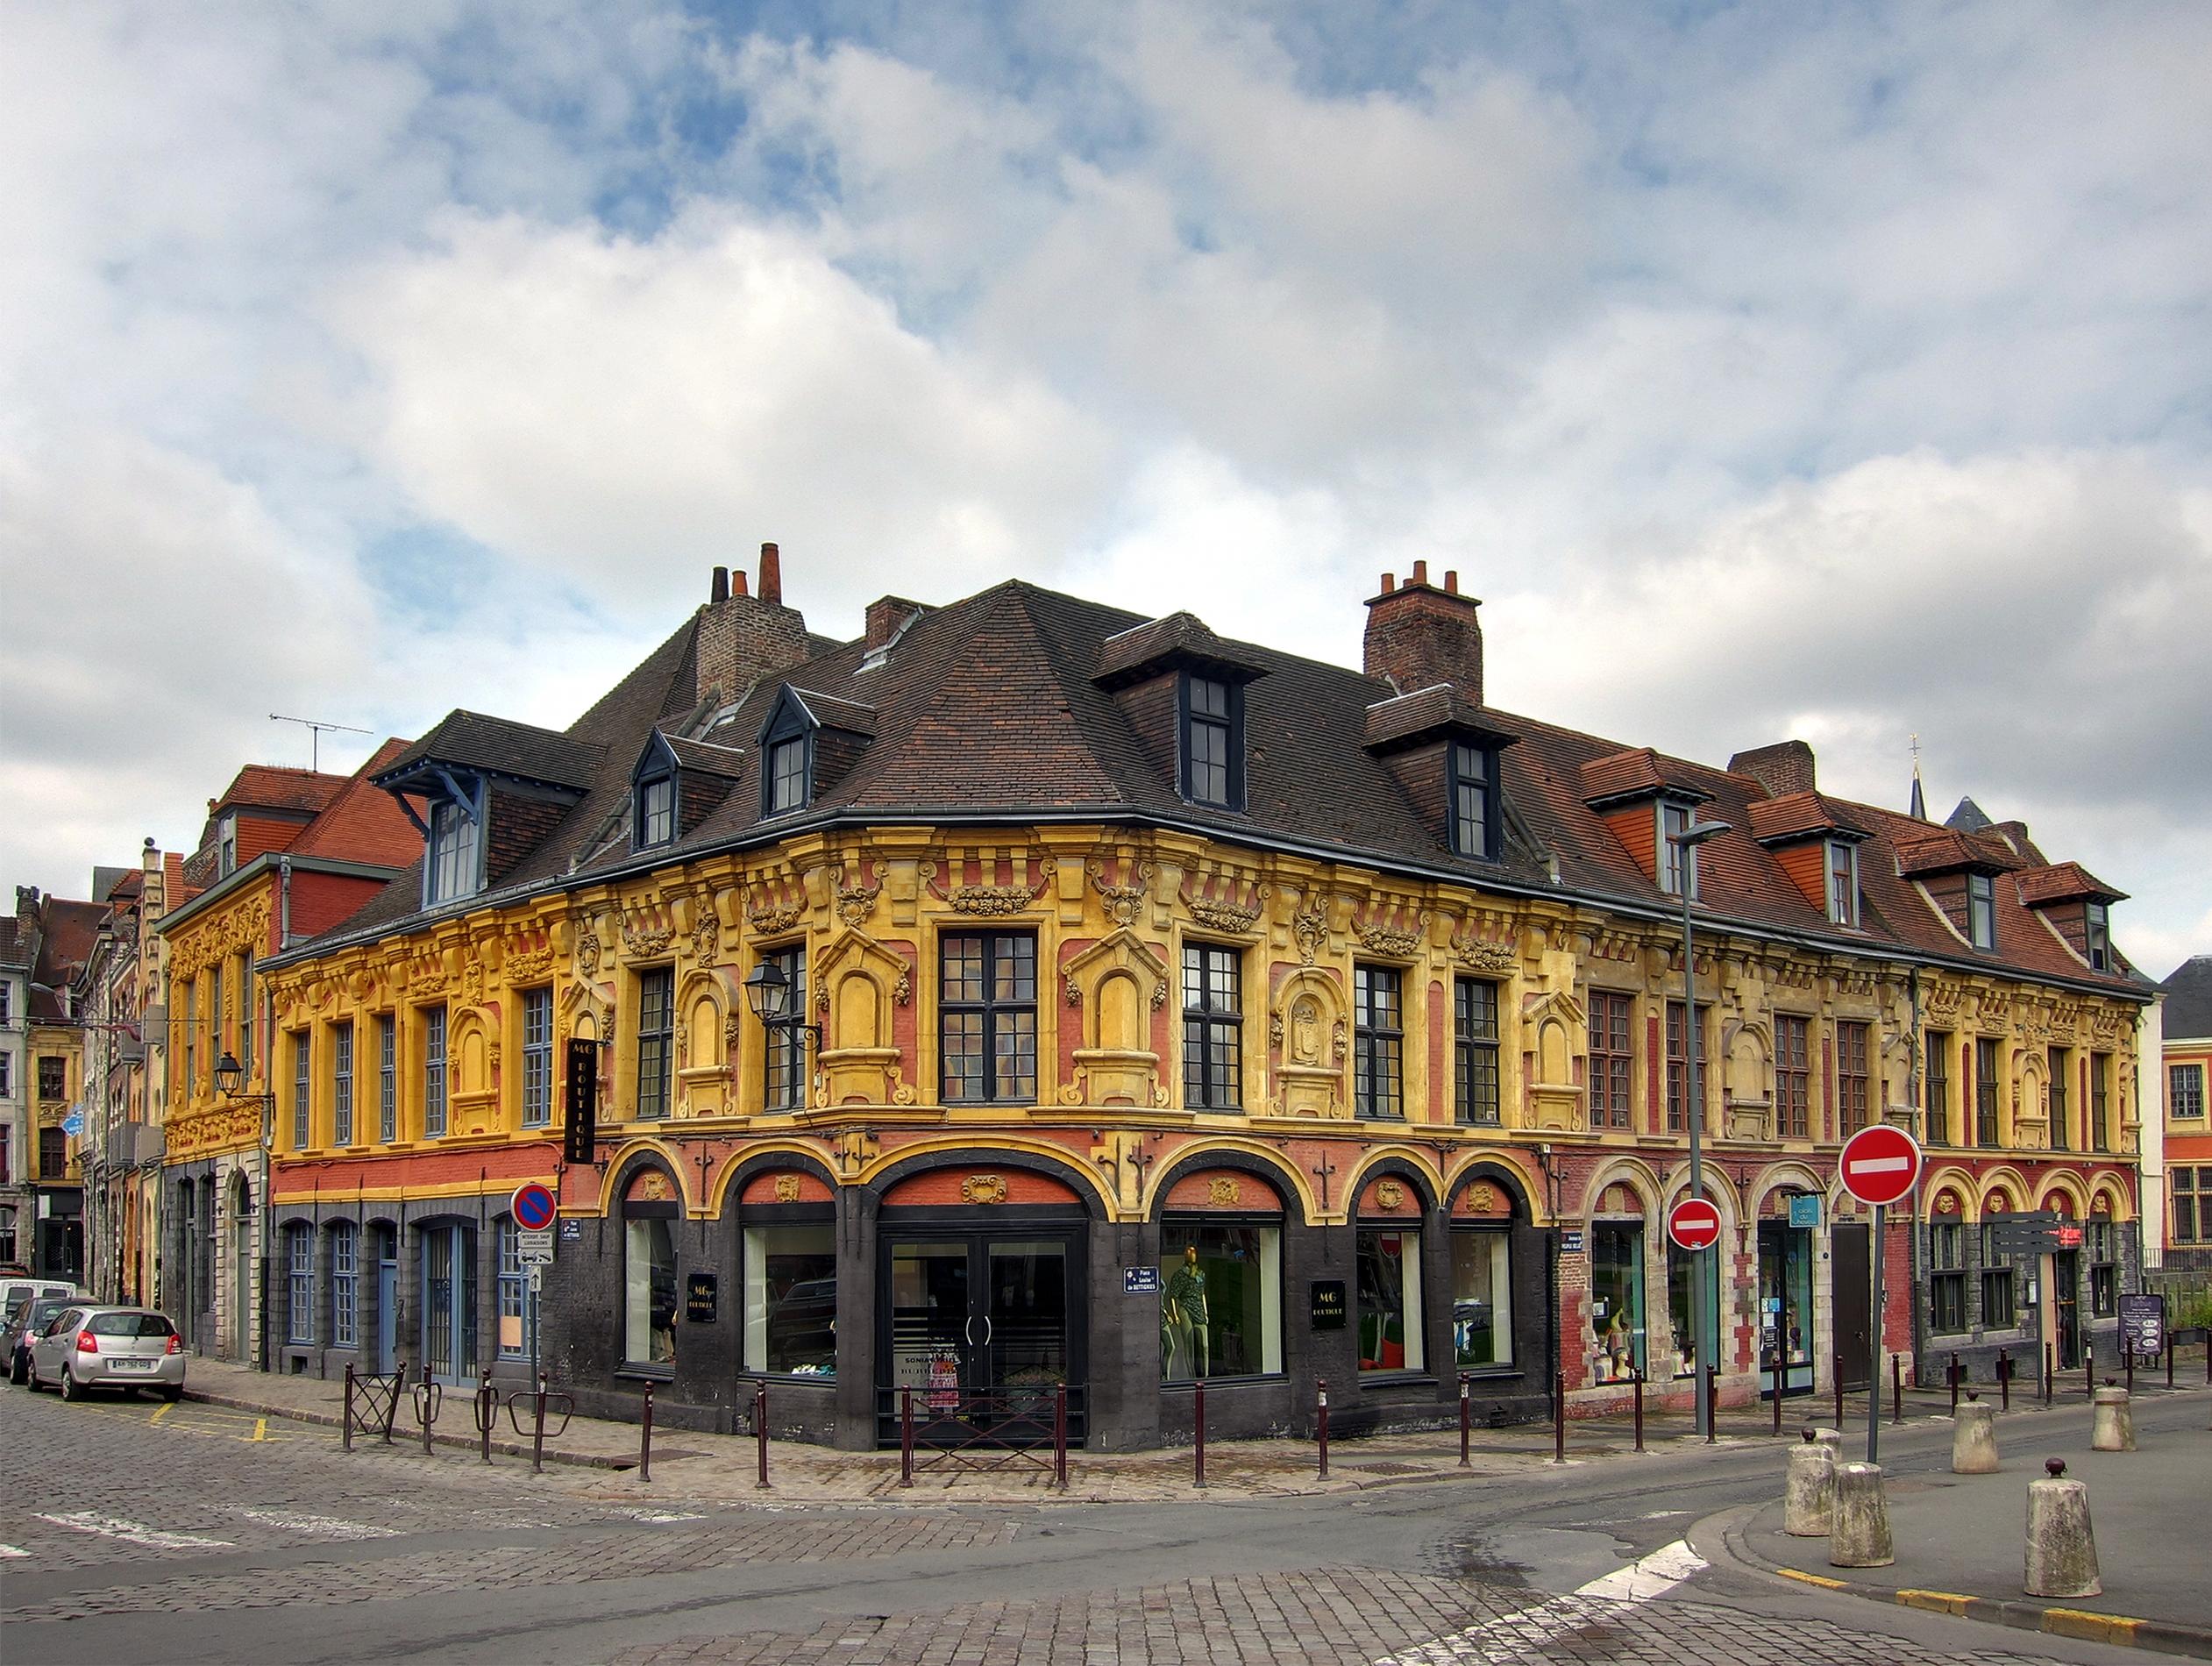 Maison Gilles file:lille maison gilles de la boe bis - wikimedia commons